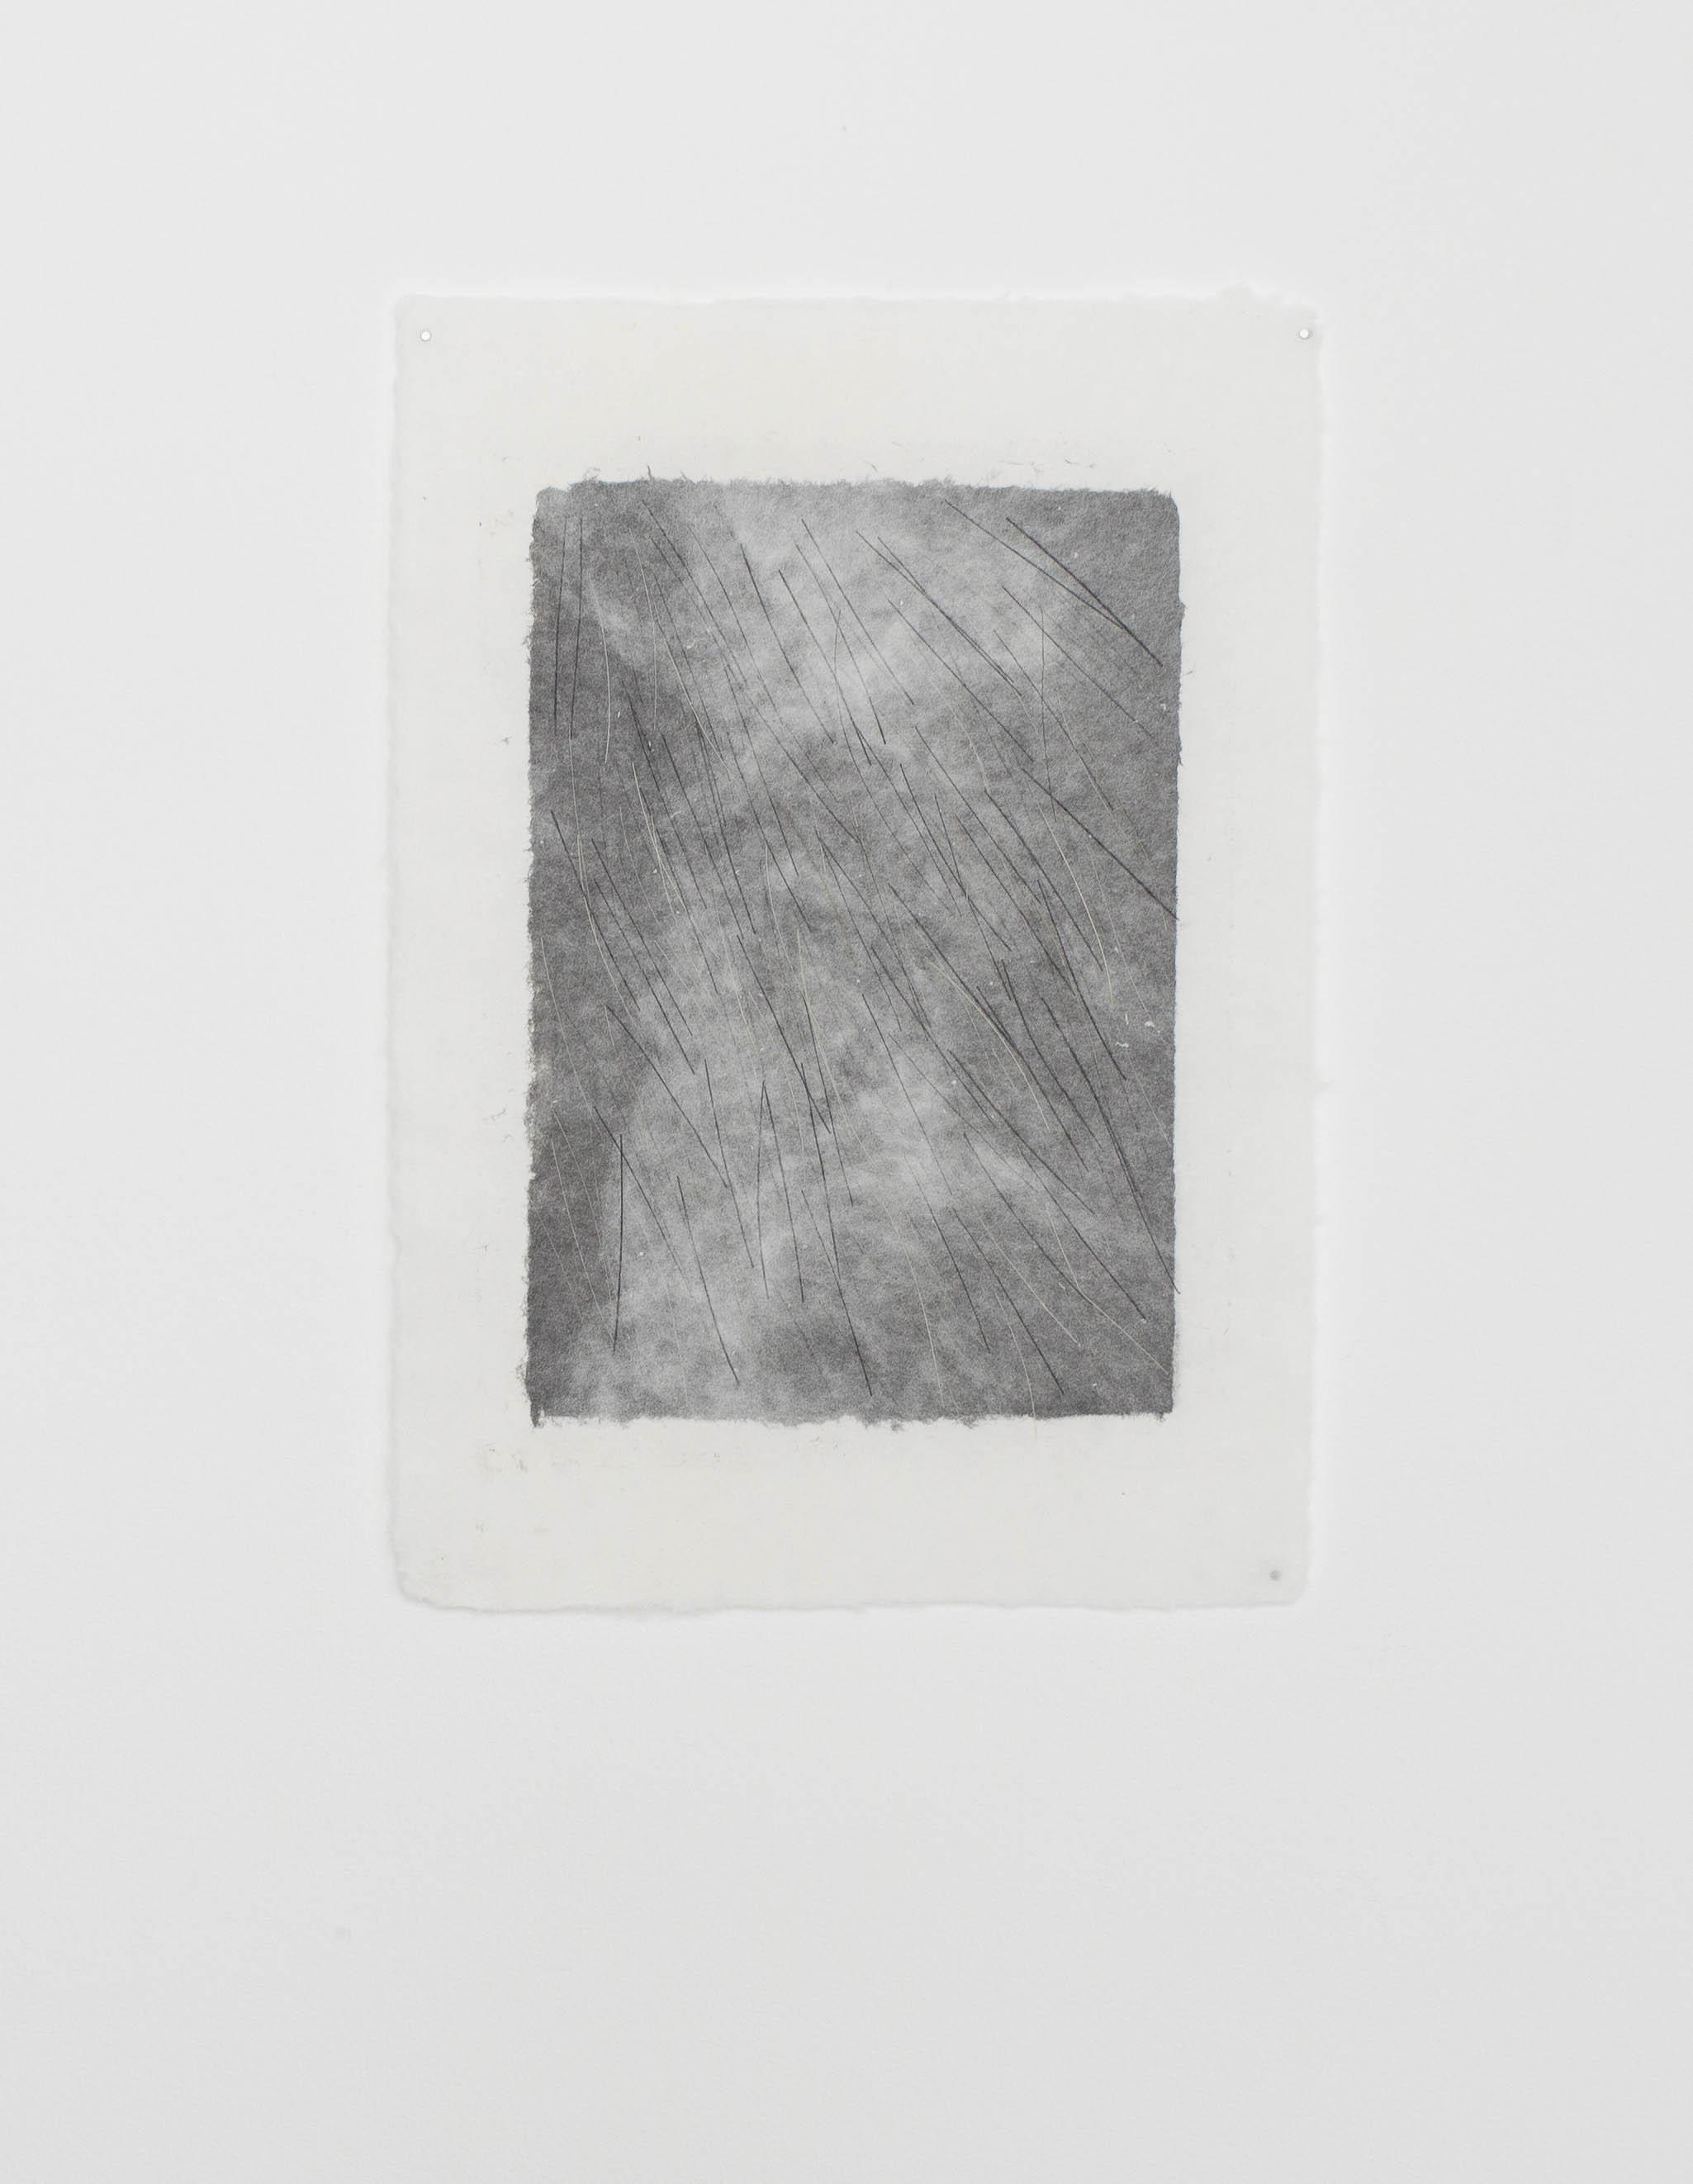 o.T., Pferdehaar in Papier geschöpft, 42x29cm